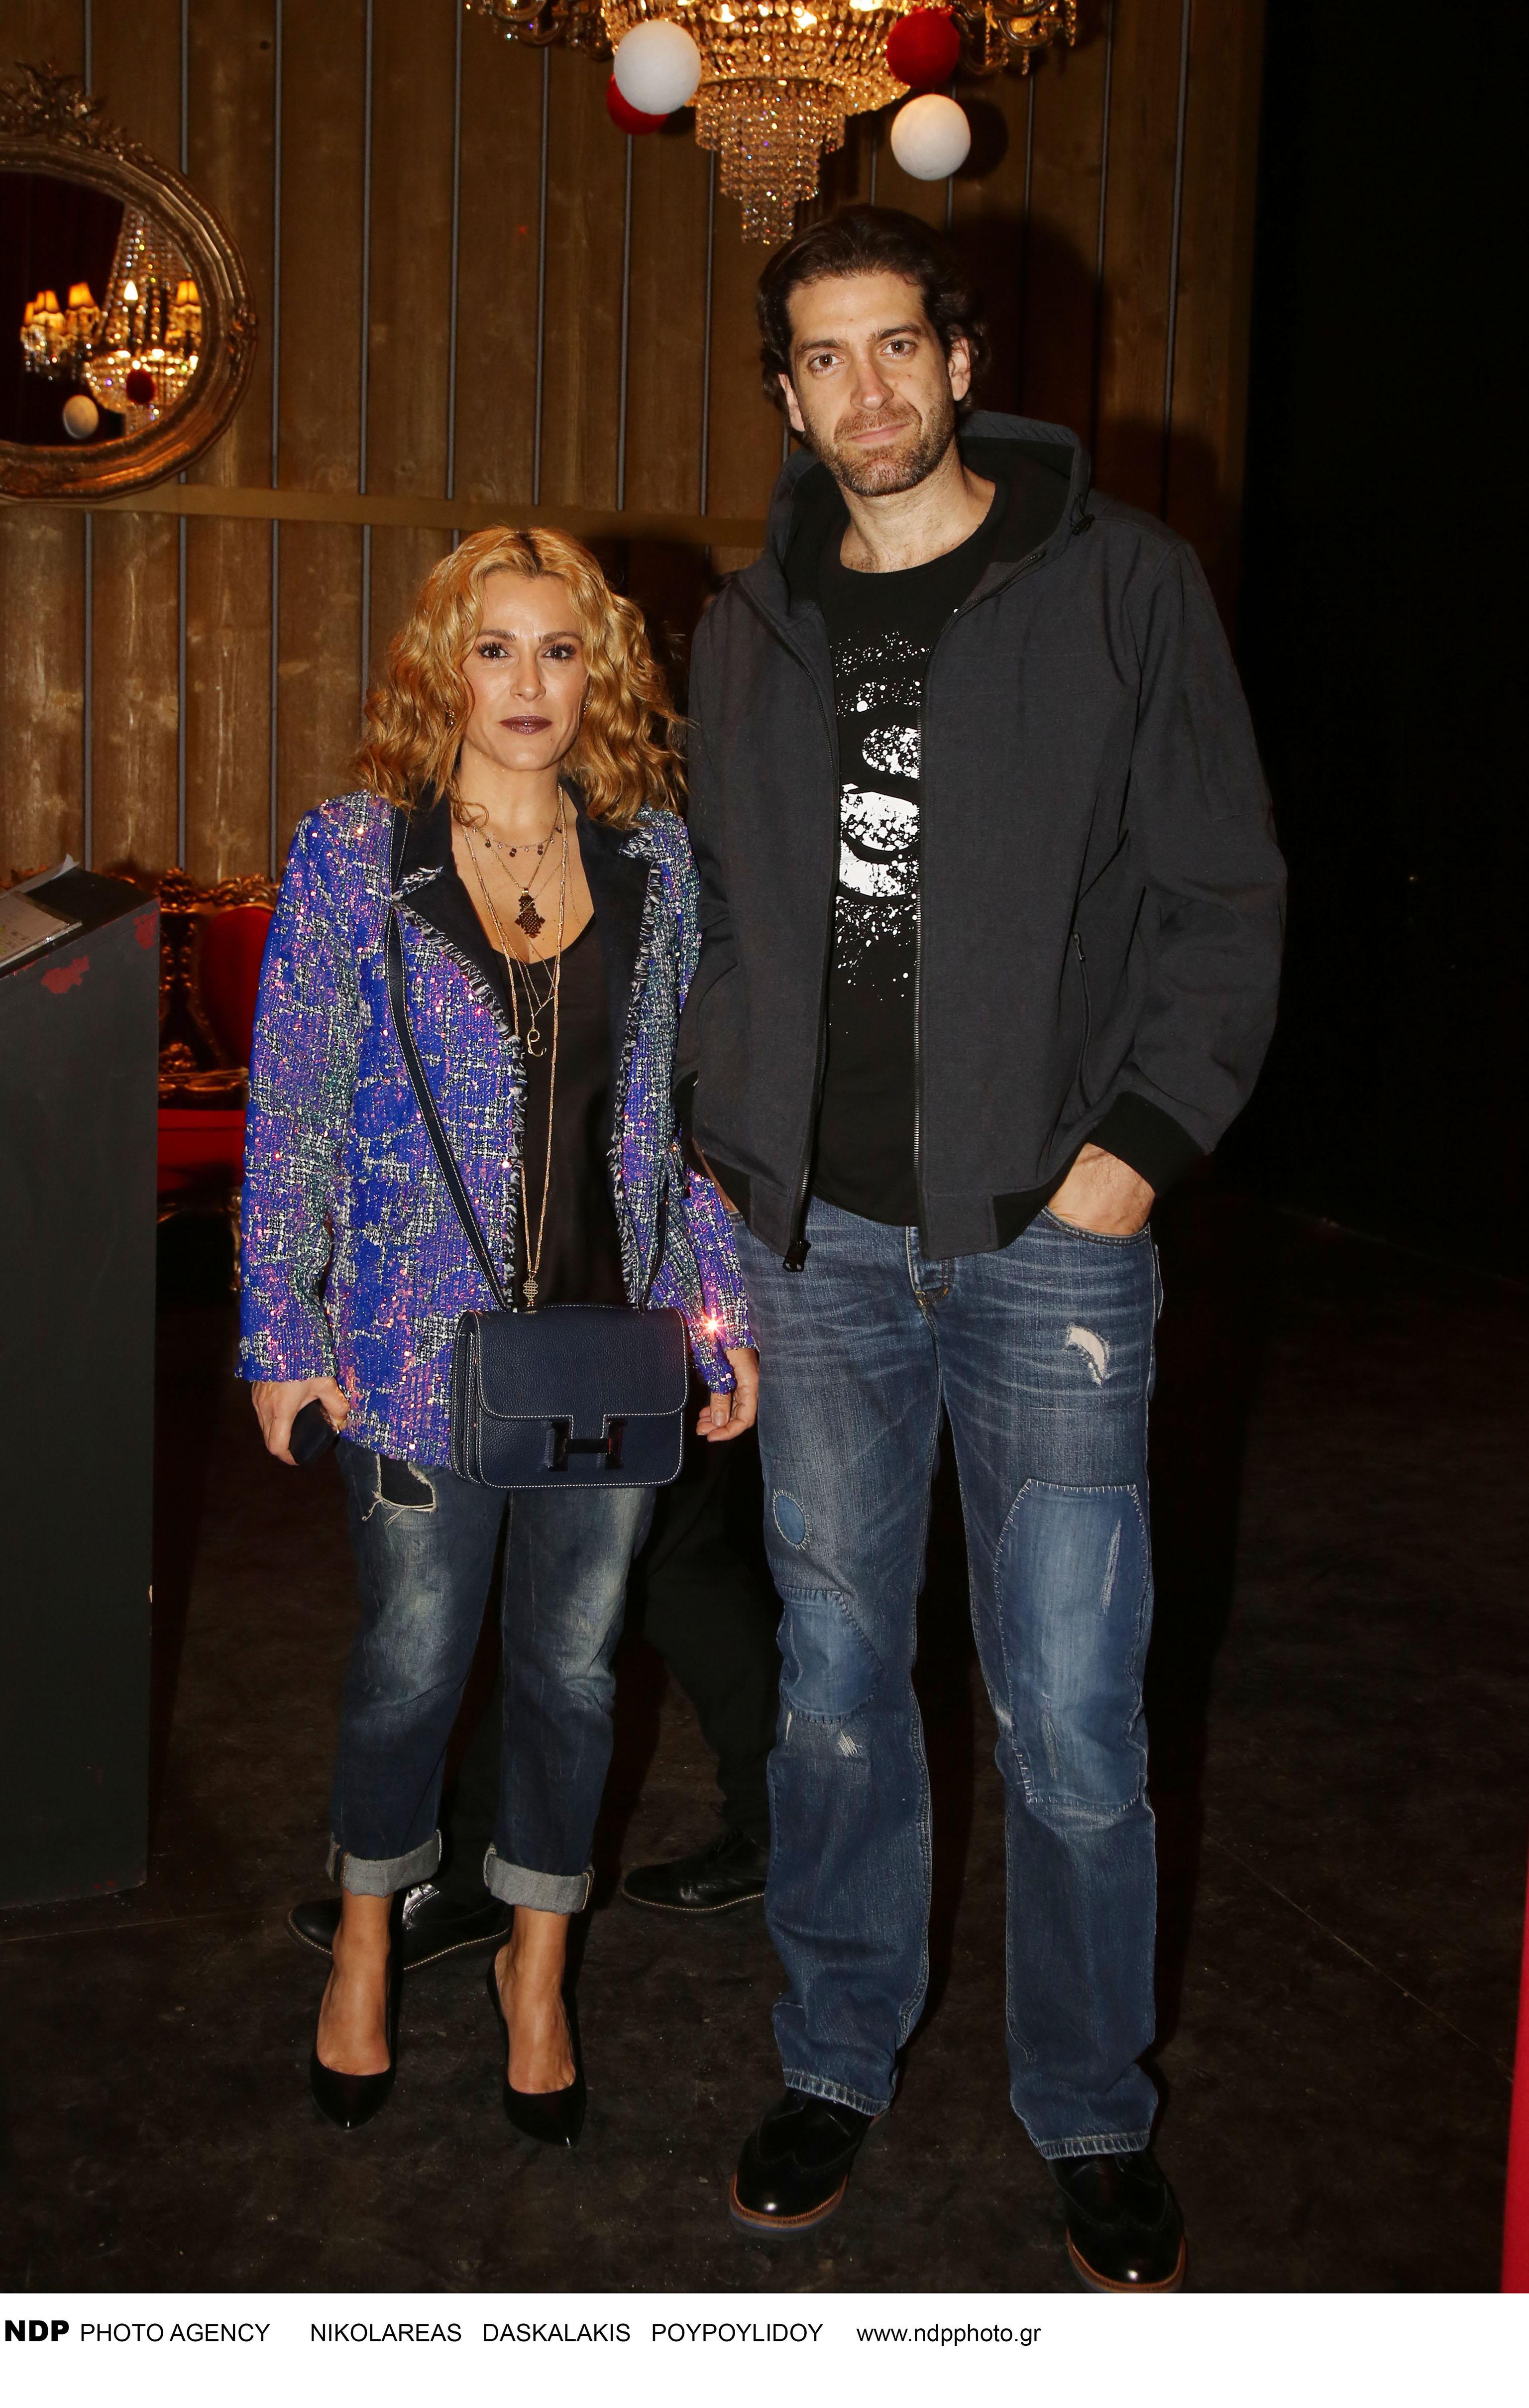 Η Τζένη Μπότση με τον αγαπημένο της Αλέξανδρο Μιχαλά